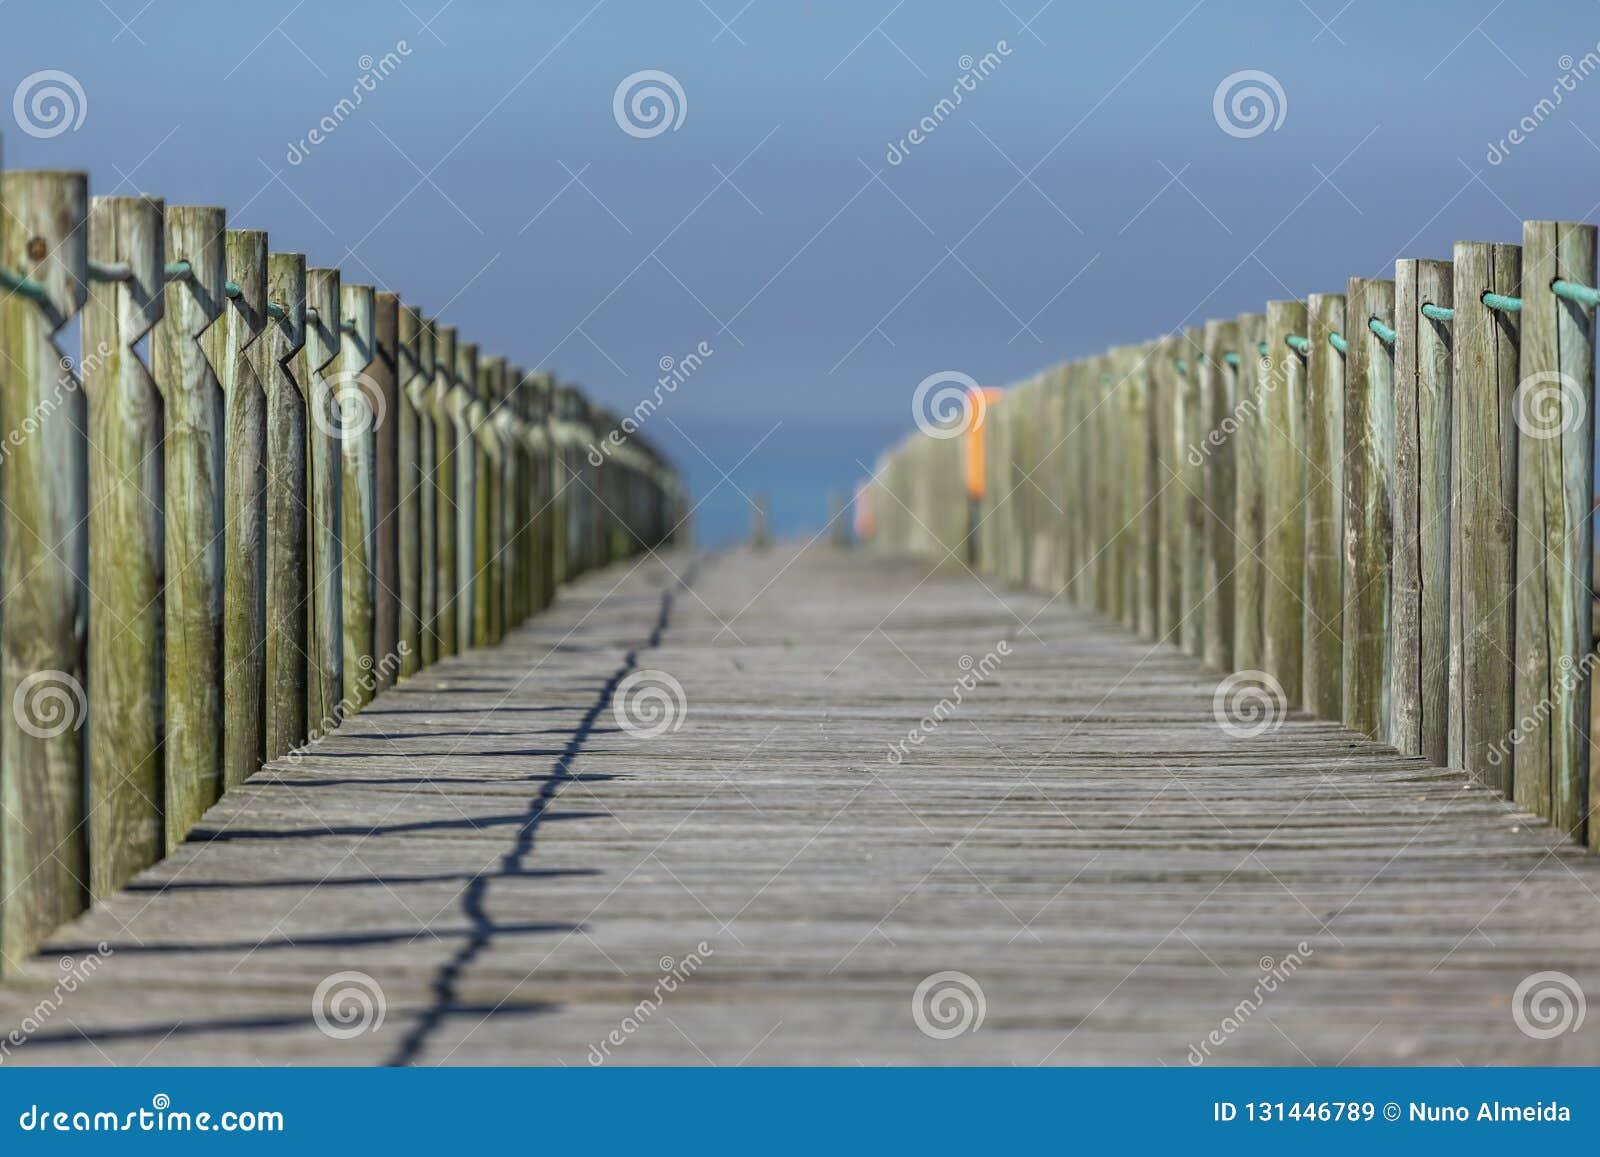 Opinión de perspectiva de la calzada peatonal de madera, hacia el océano, al lado de la playa, Portugal